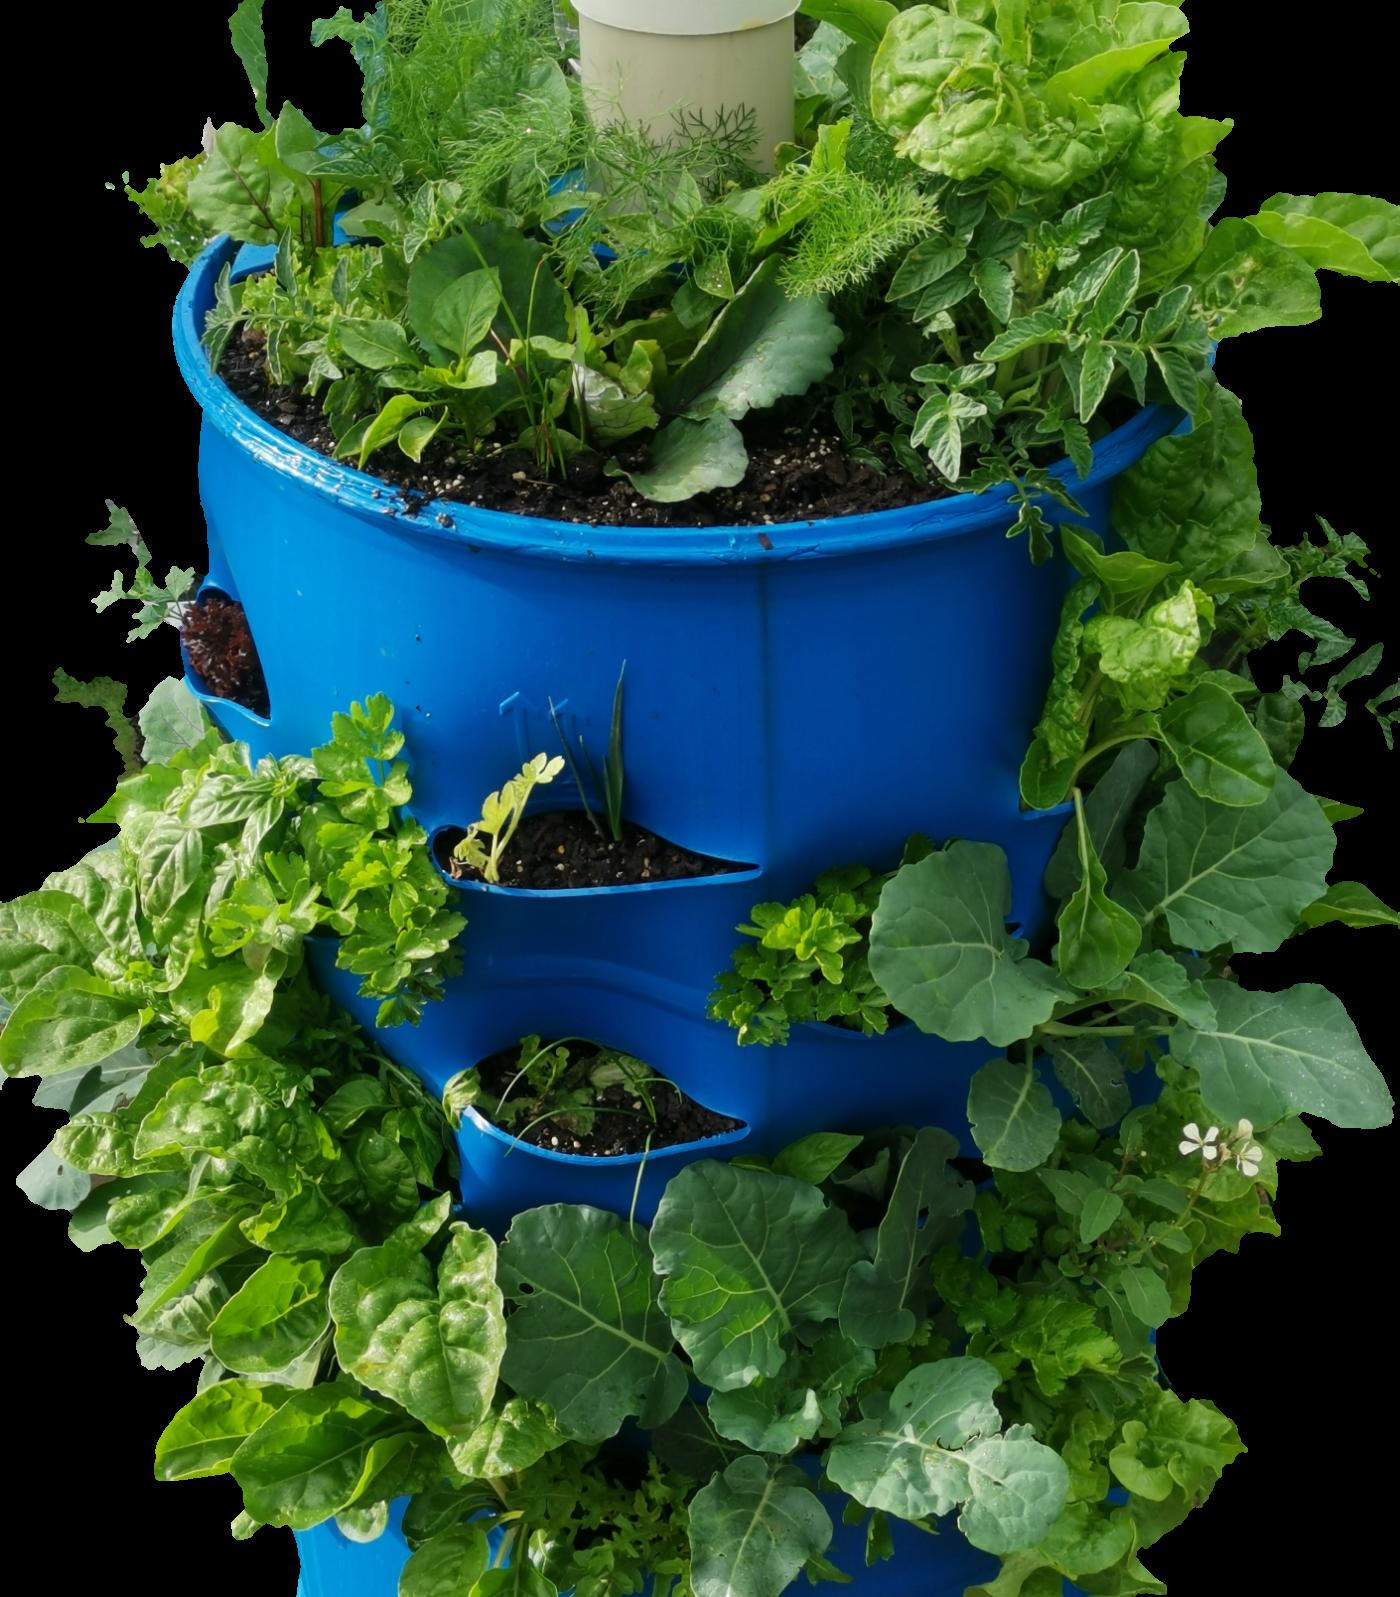 Barrel for home Garden